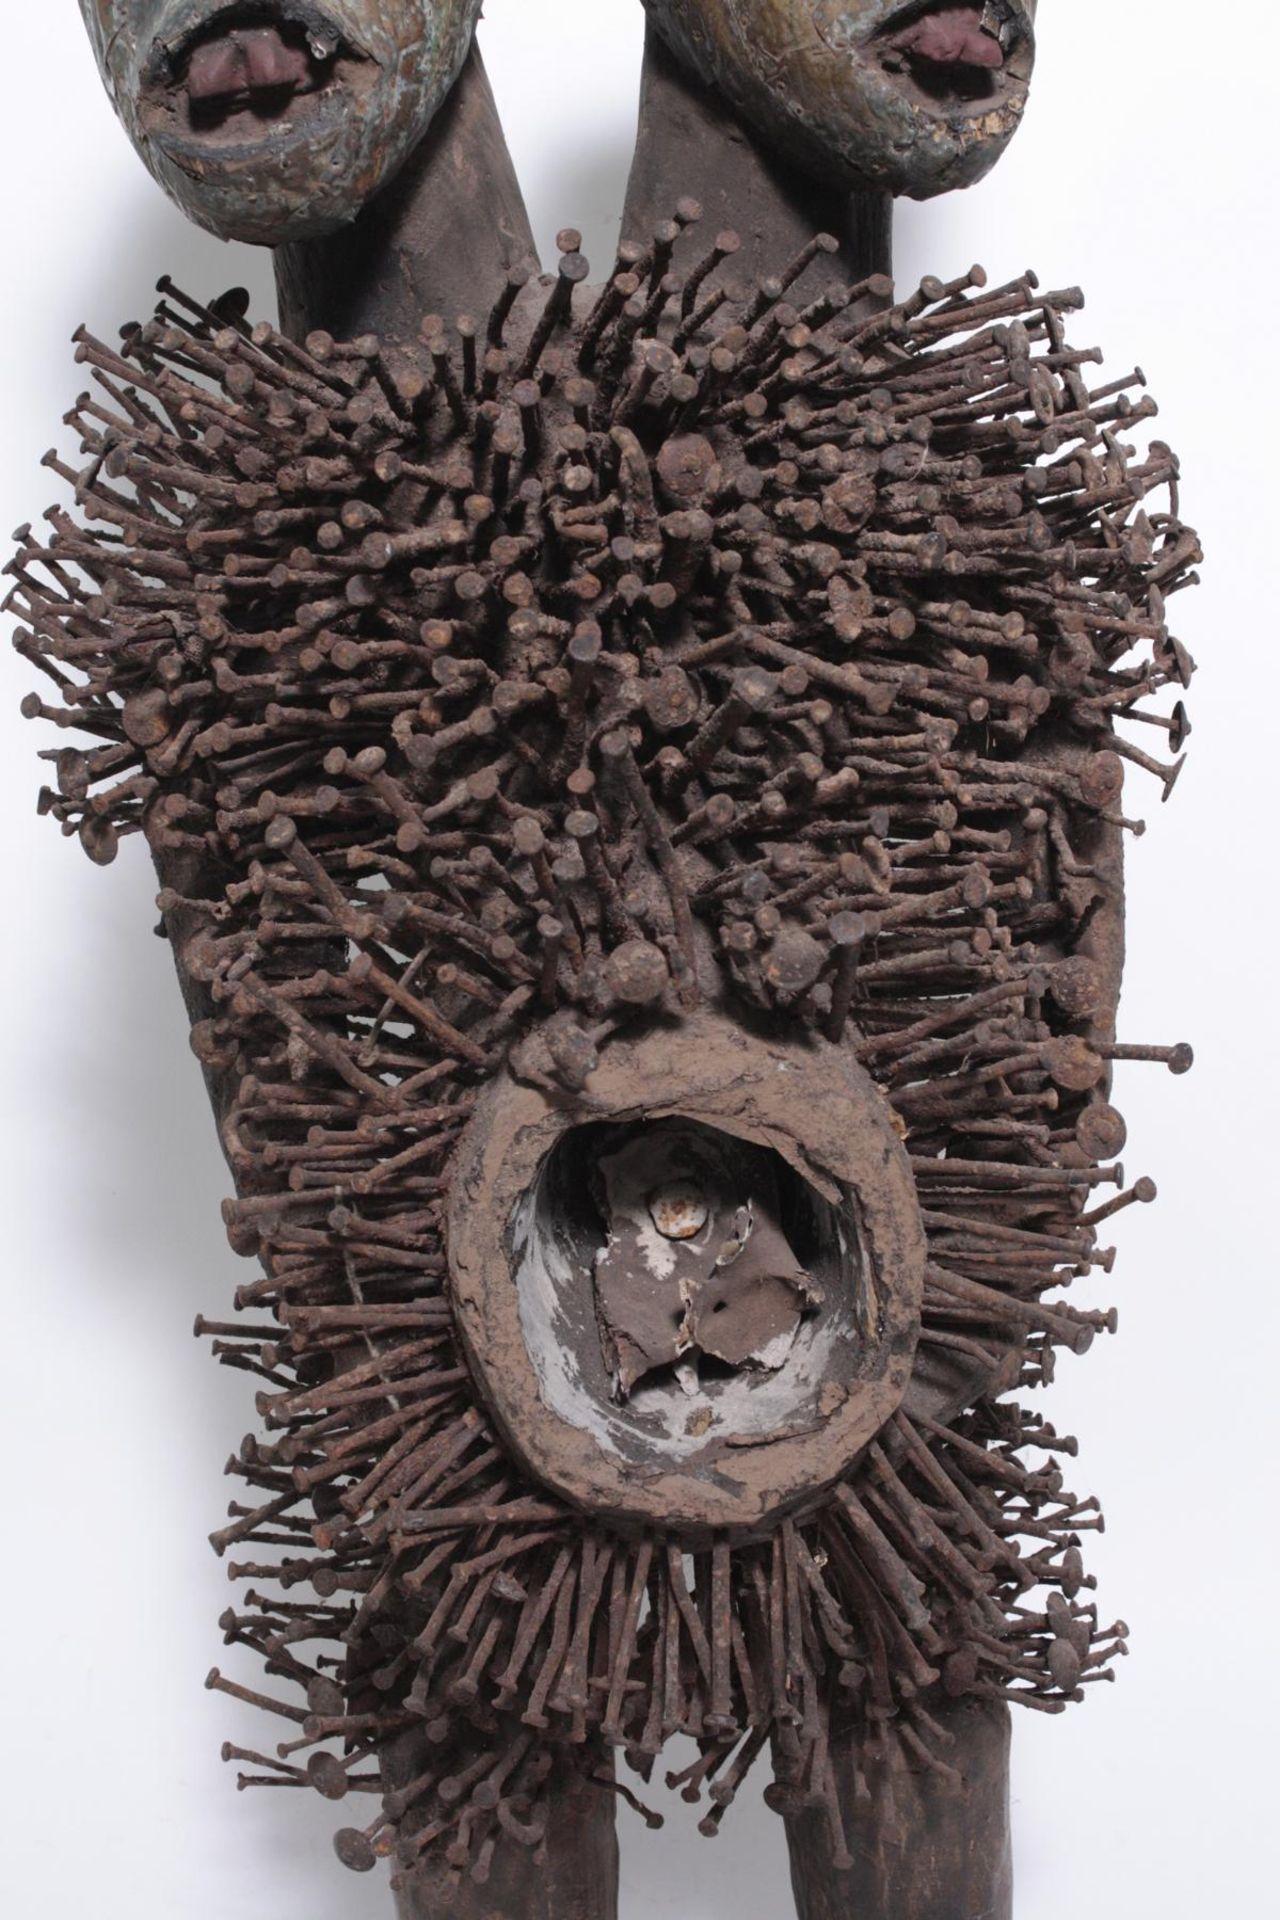 Doppelkopf-Nagelfetisch-Ritual Figur. Kongo-Yombe, Nkisi Nkondi, 1. Hälfte 20. Jh. - Bild 2 aus 9